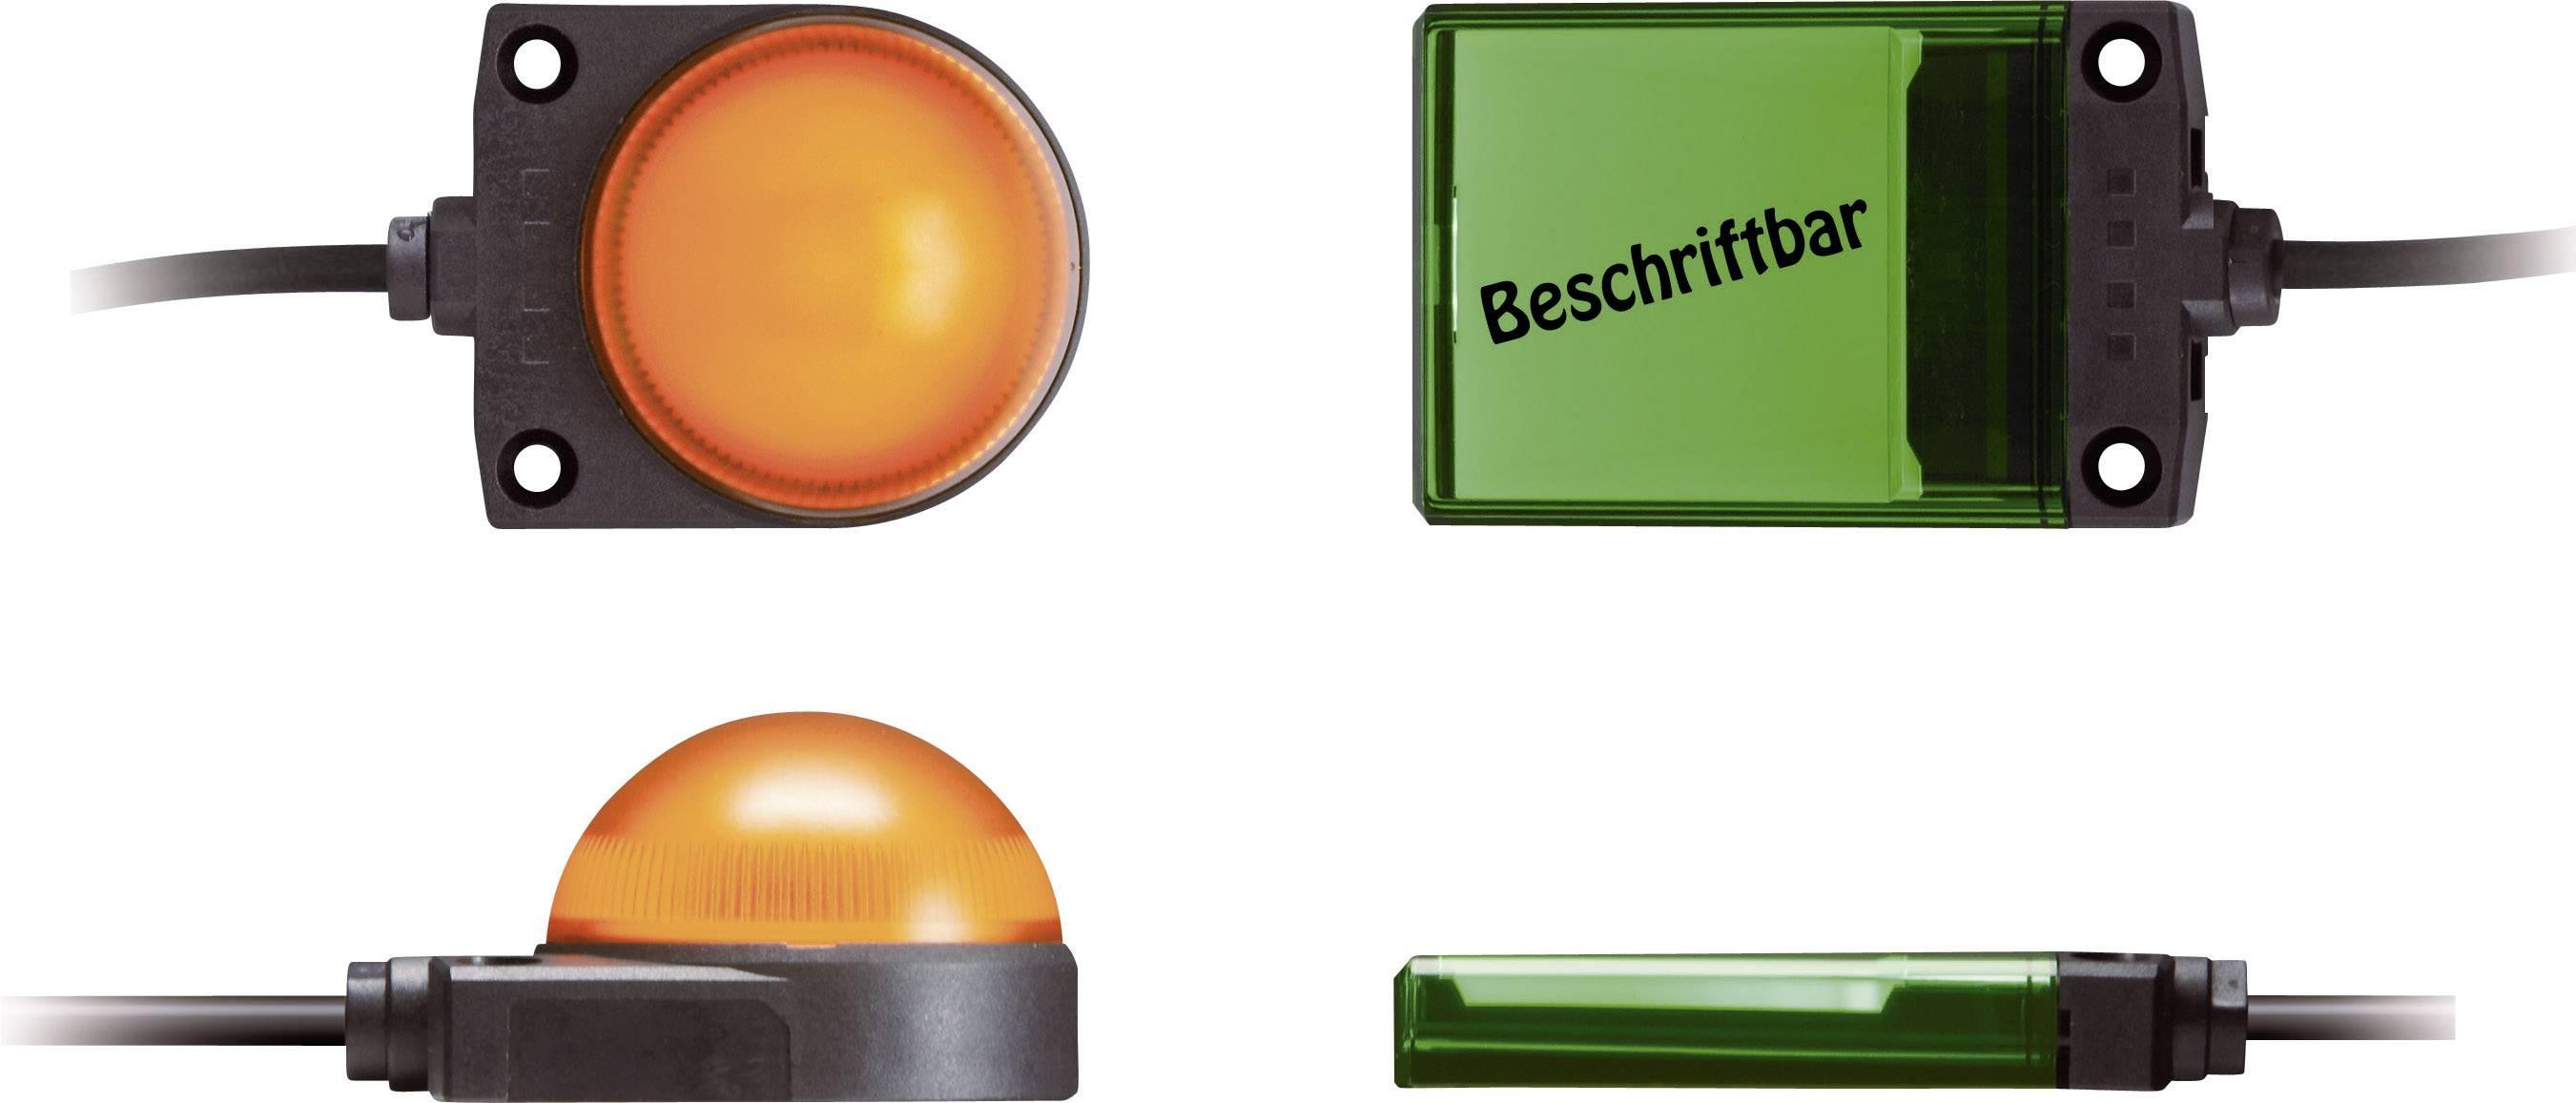 Signalizačné osvetlenie LED Idec LH1D-H2HQ4C30RG, 24 V/DC, 24 V/AC, červená, zelená